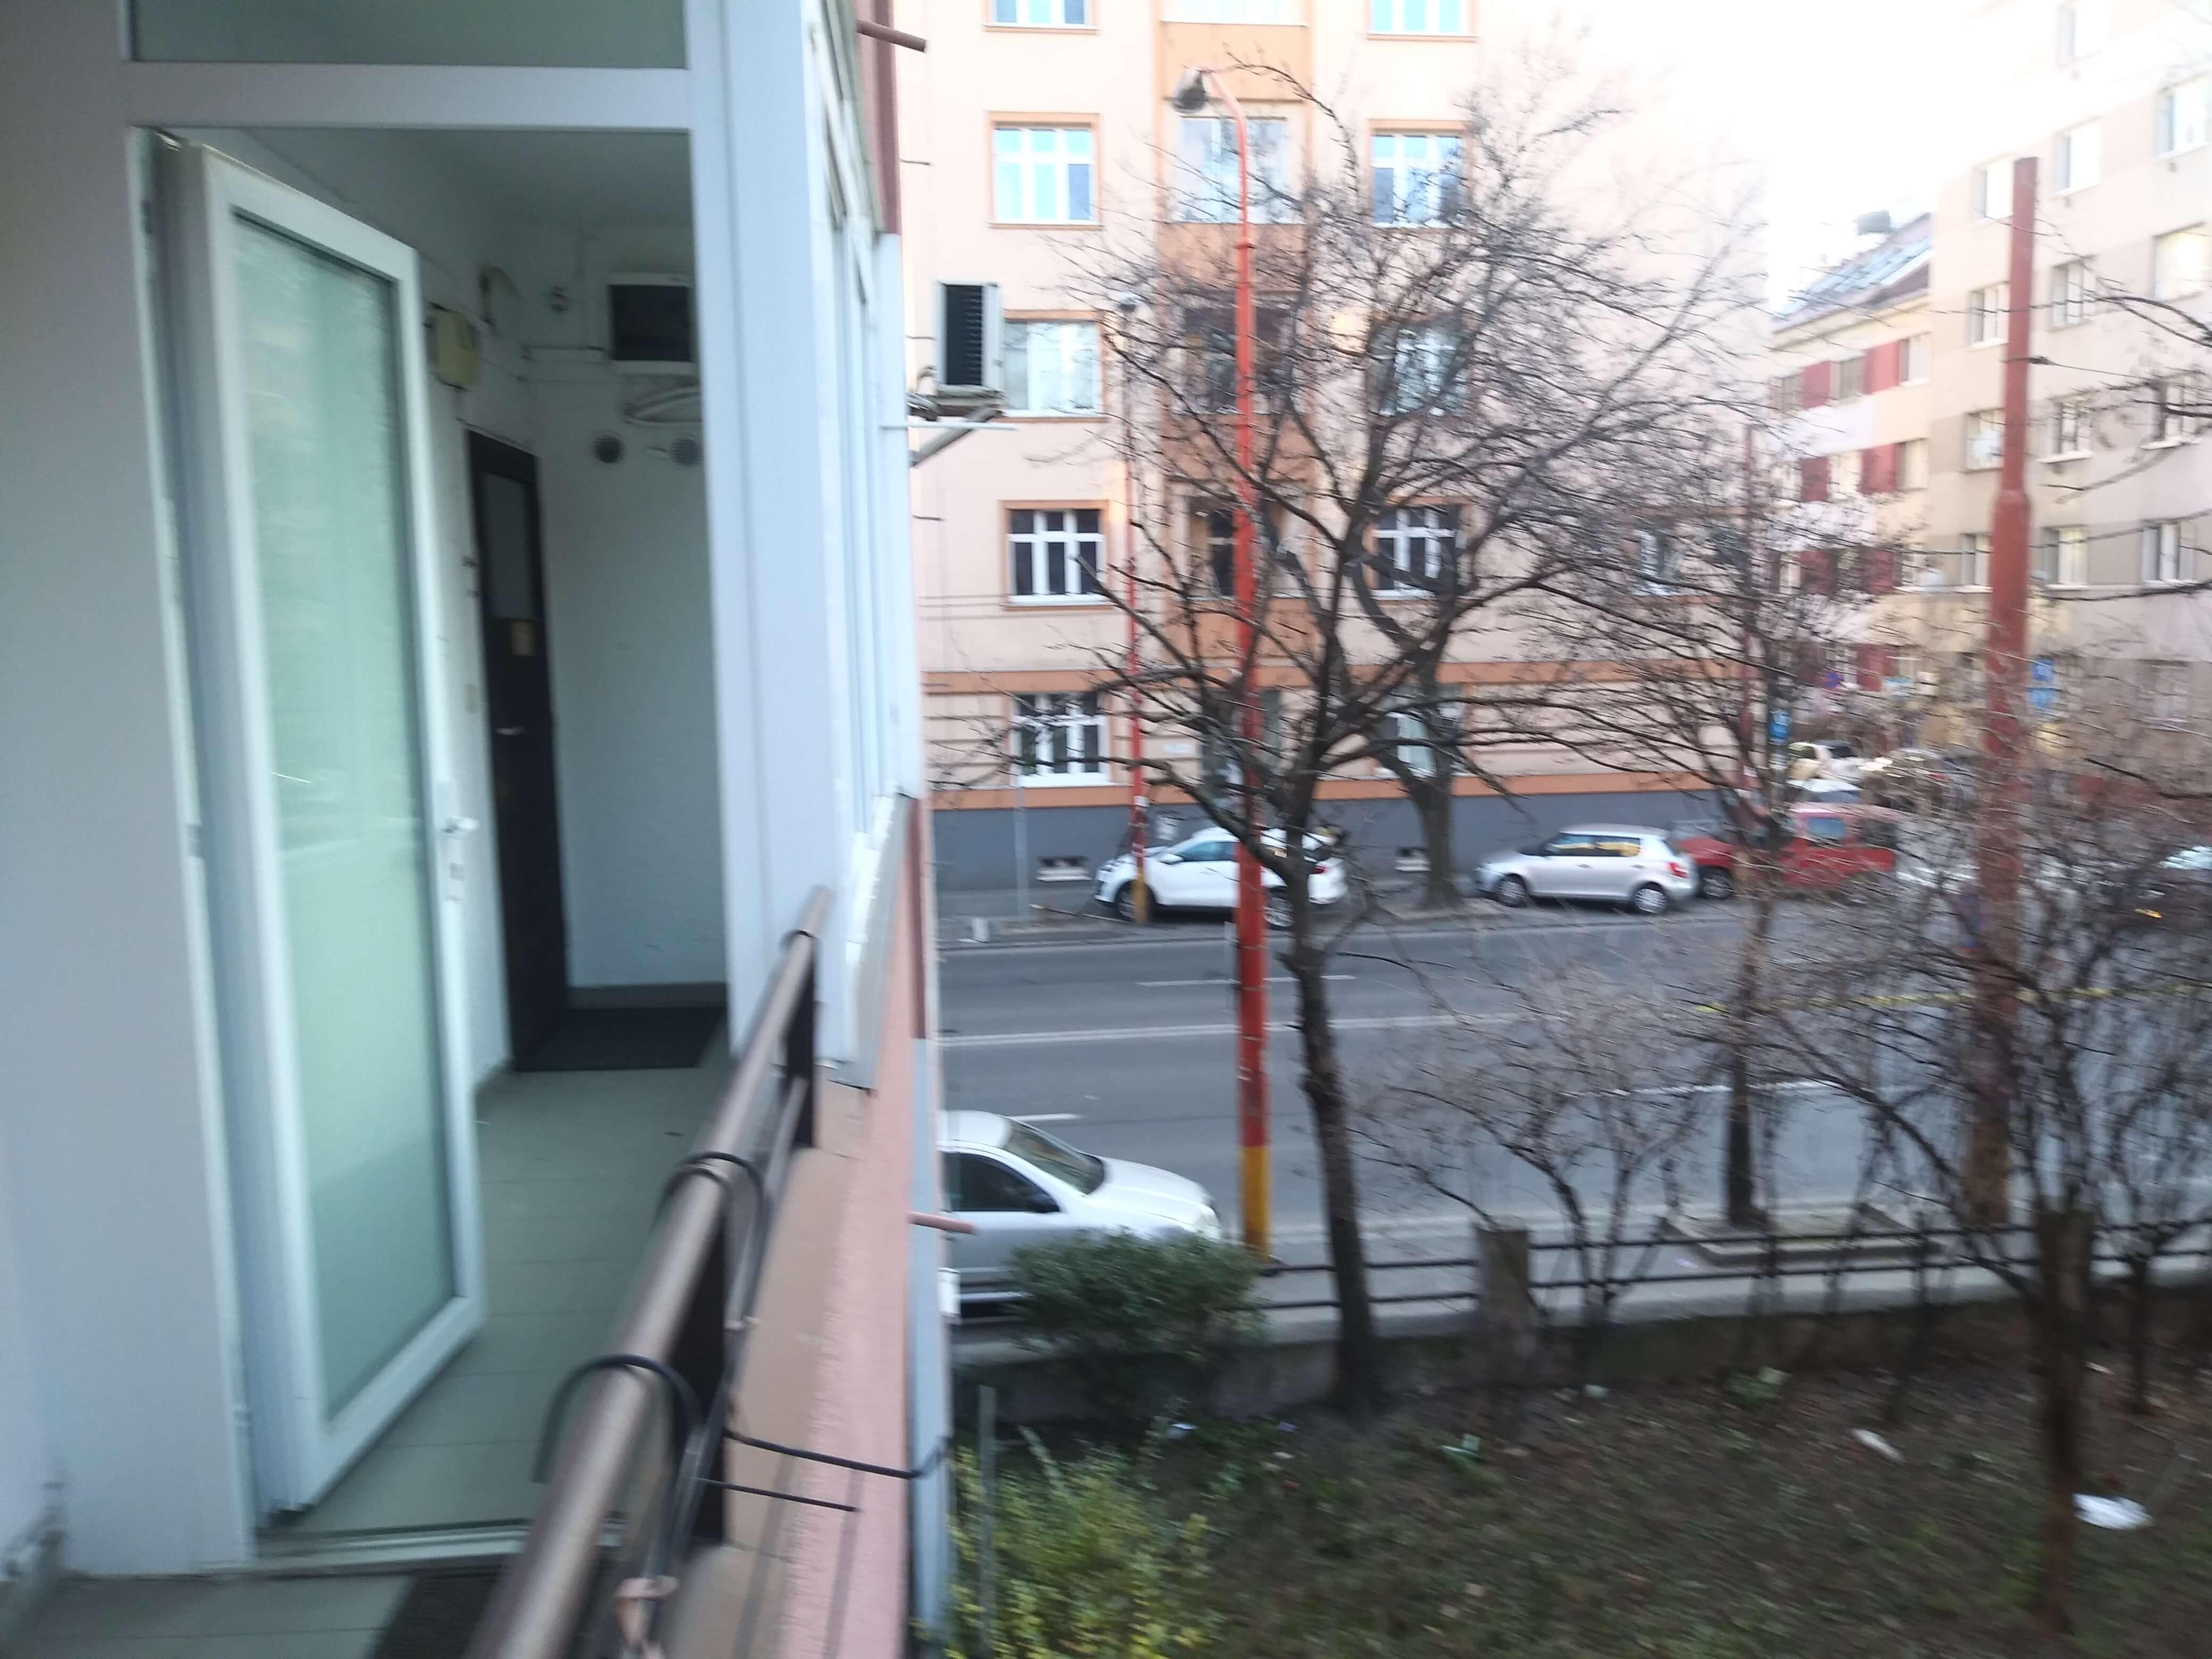 Prenájom jednej izby v 2 izb. byte, staré mesto, Šancová ulica, Bratislava, 80m2, zariadený-39